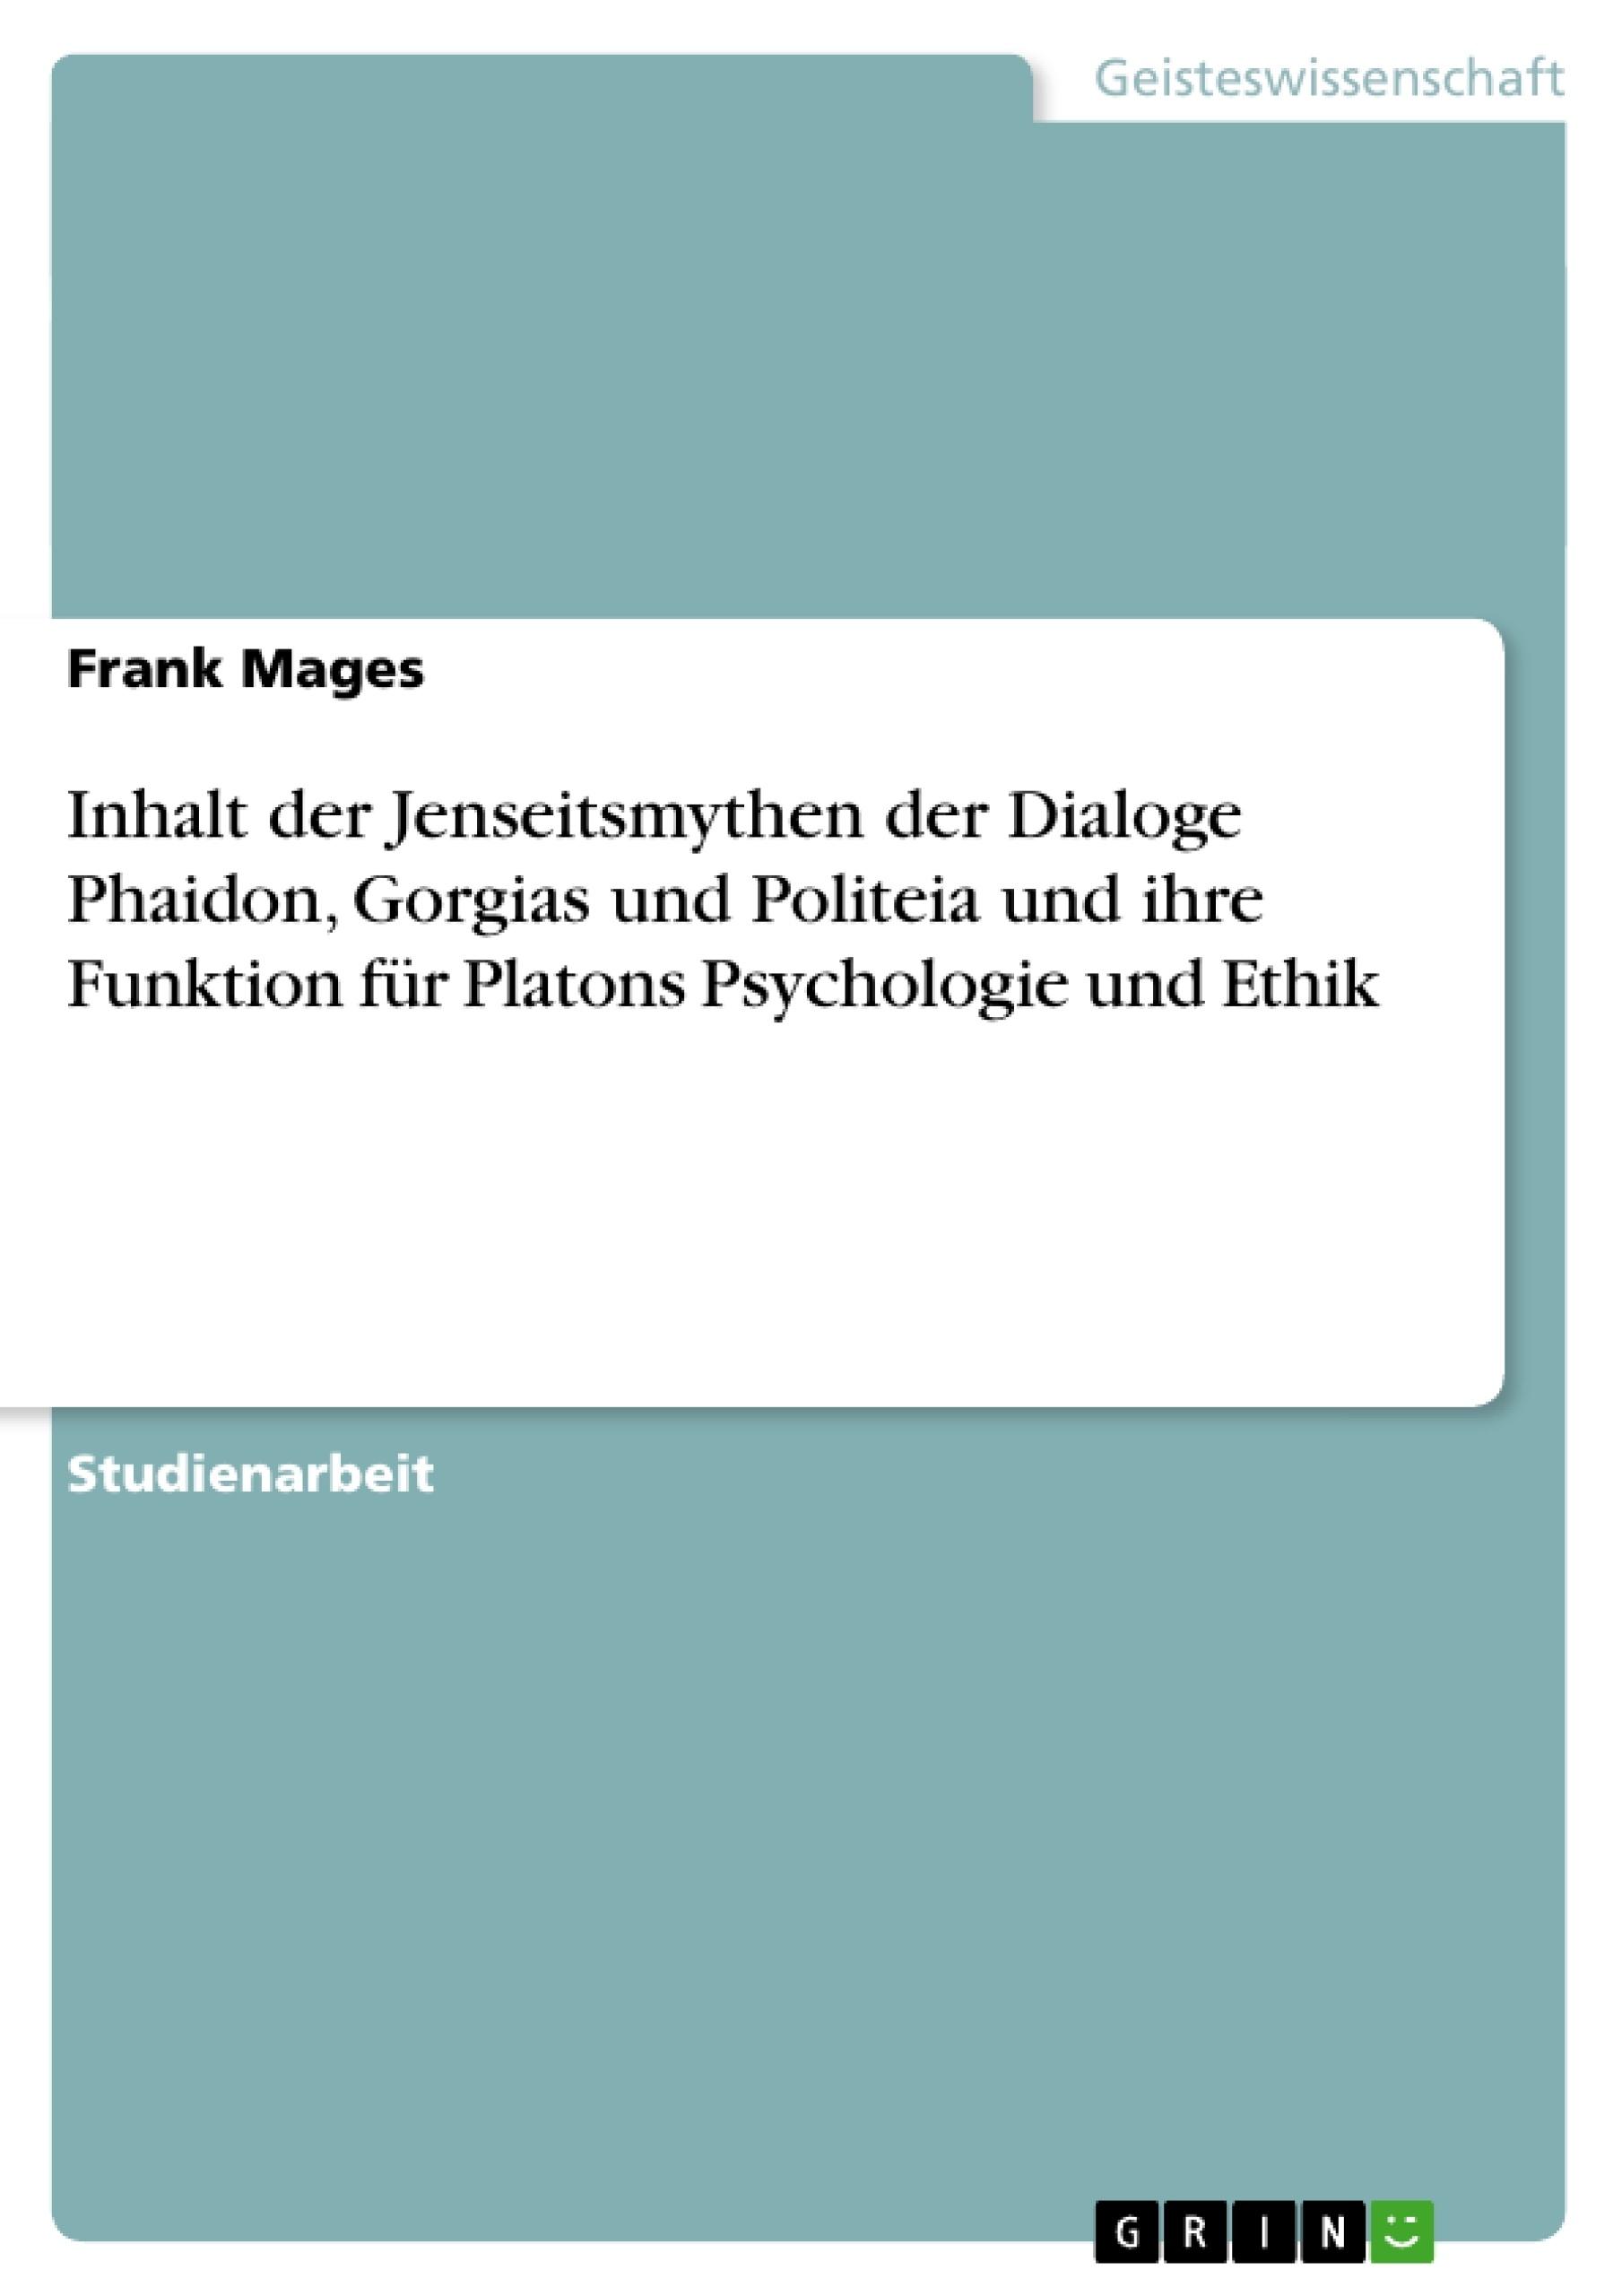 Titel: Inhalt der Jenseitsmythen der Dialoge Phaidon, Gorgias und Politeia und ihre Funktion für Platons Psychologie und Ethik